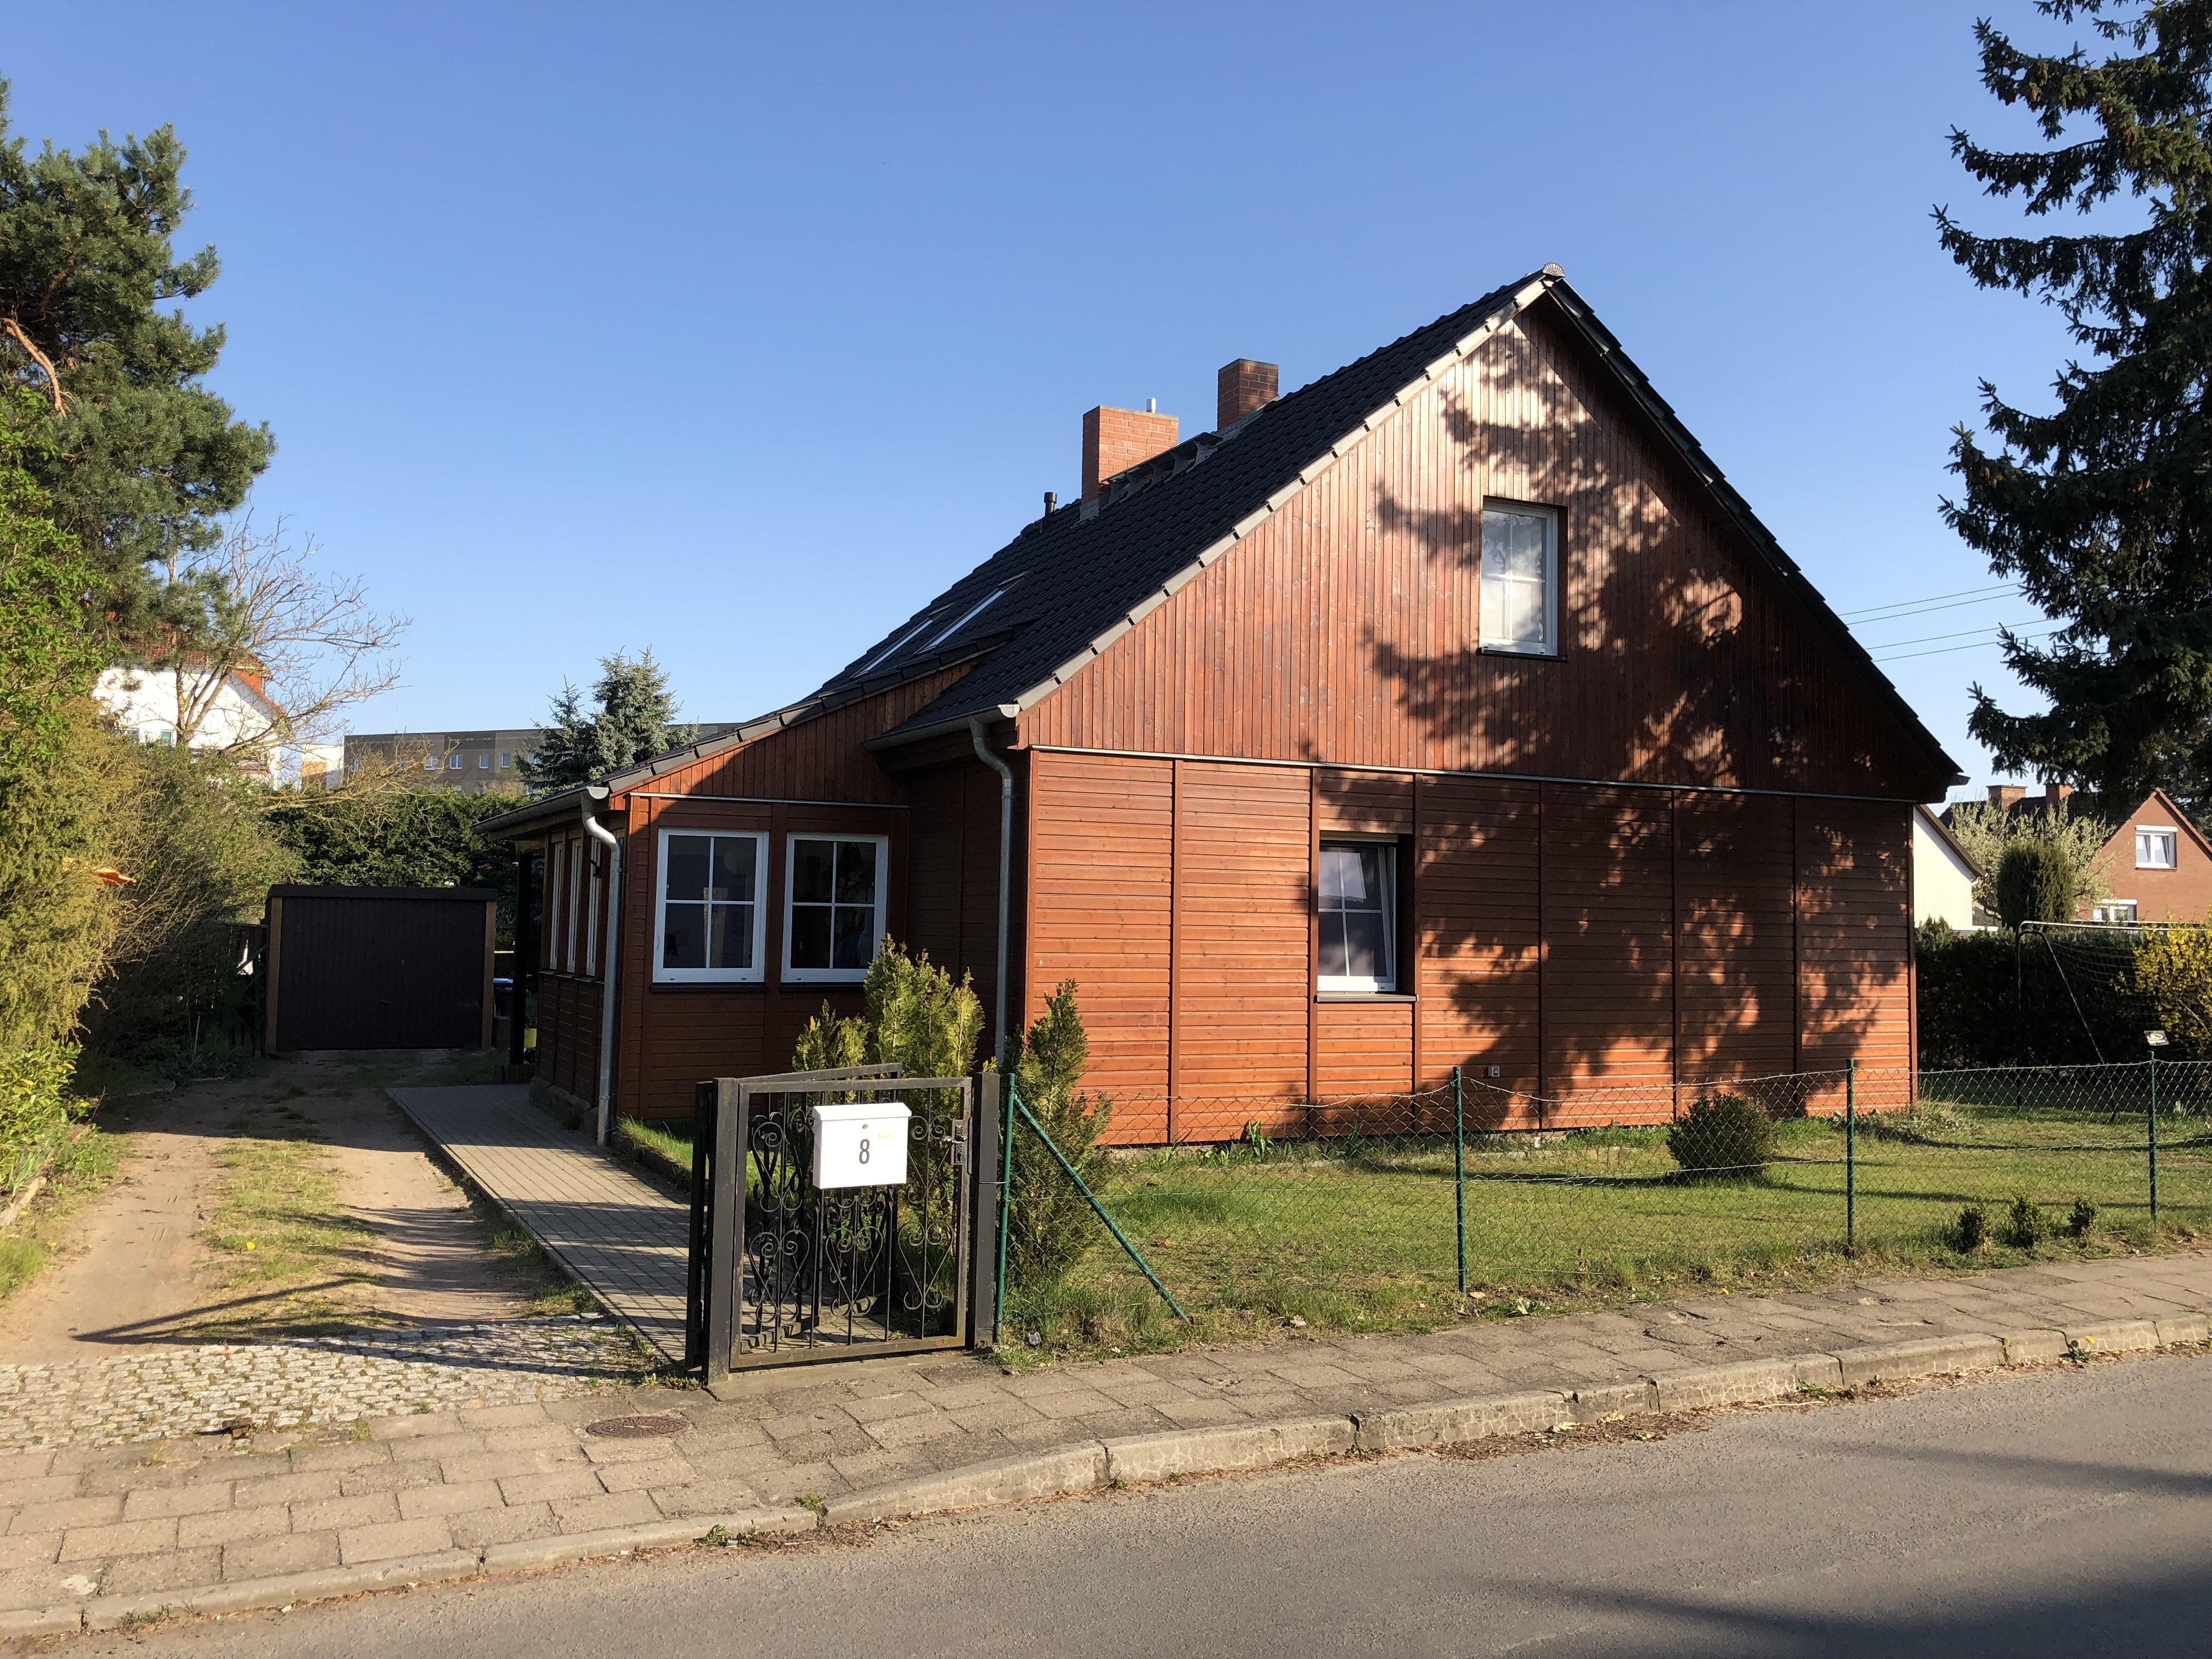 Riefstahlstraße 8